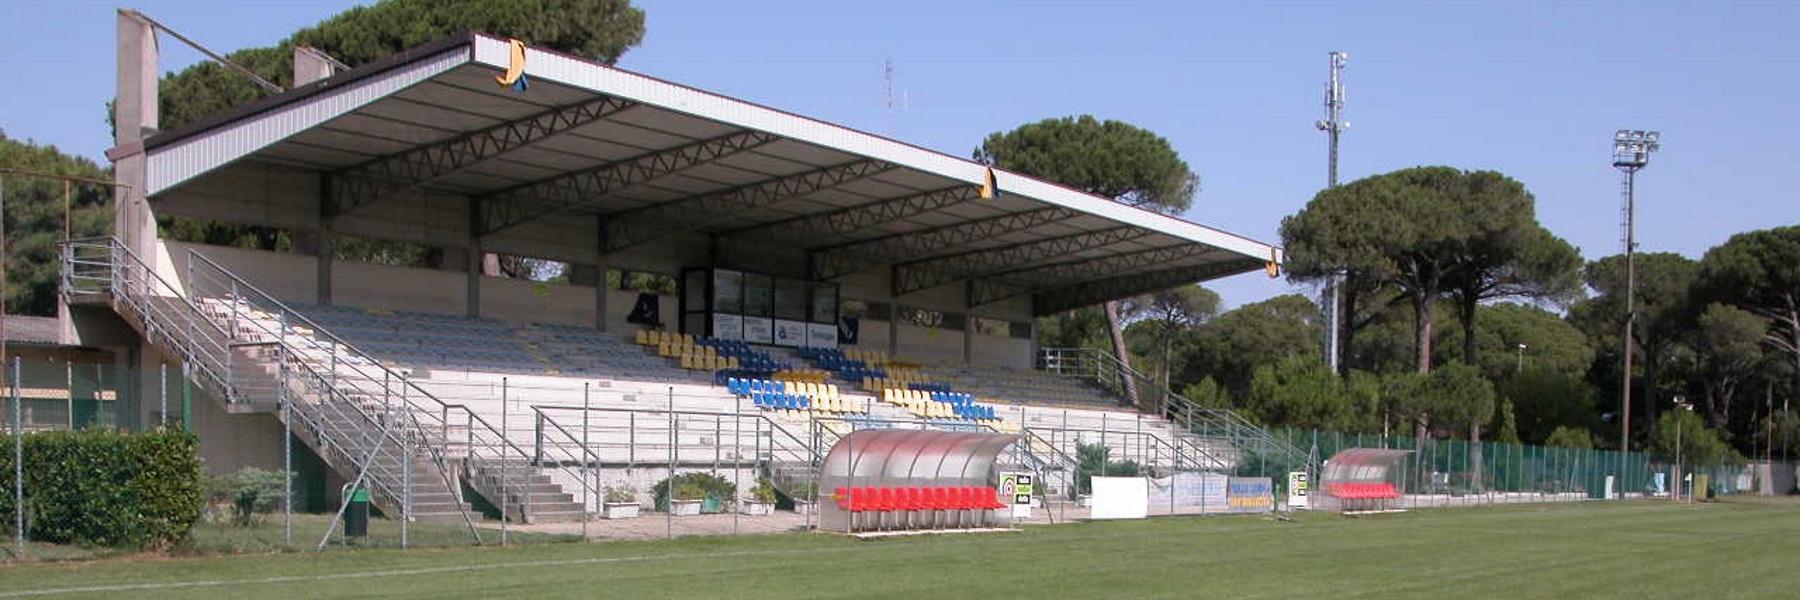 Stadion Pini G. Todoli